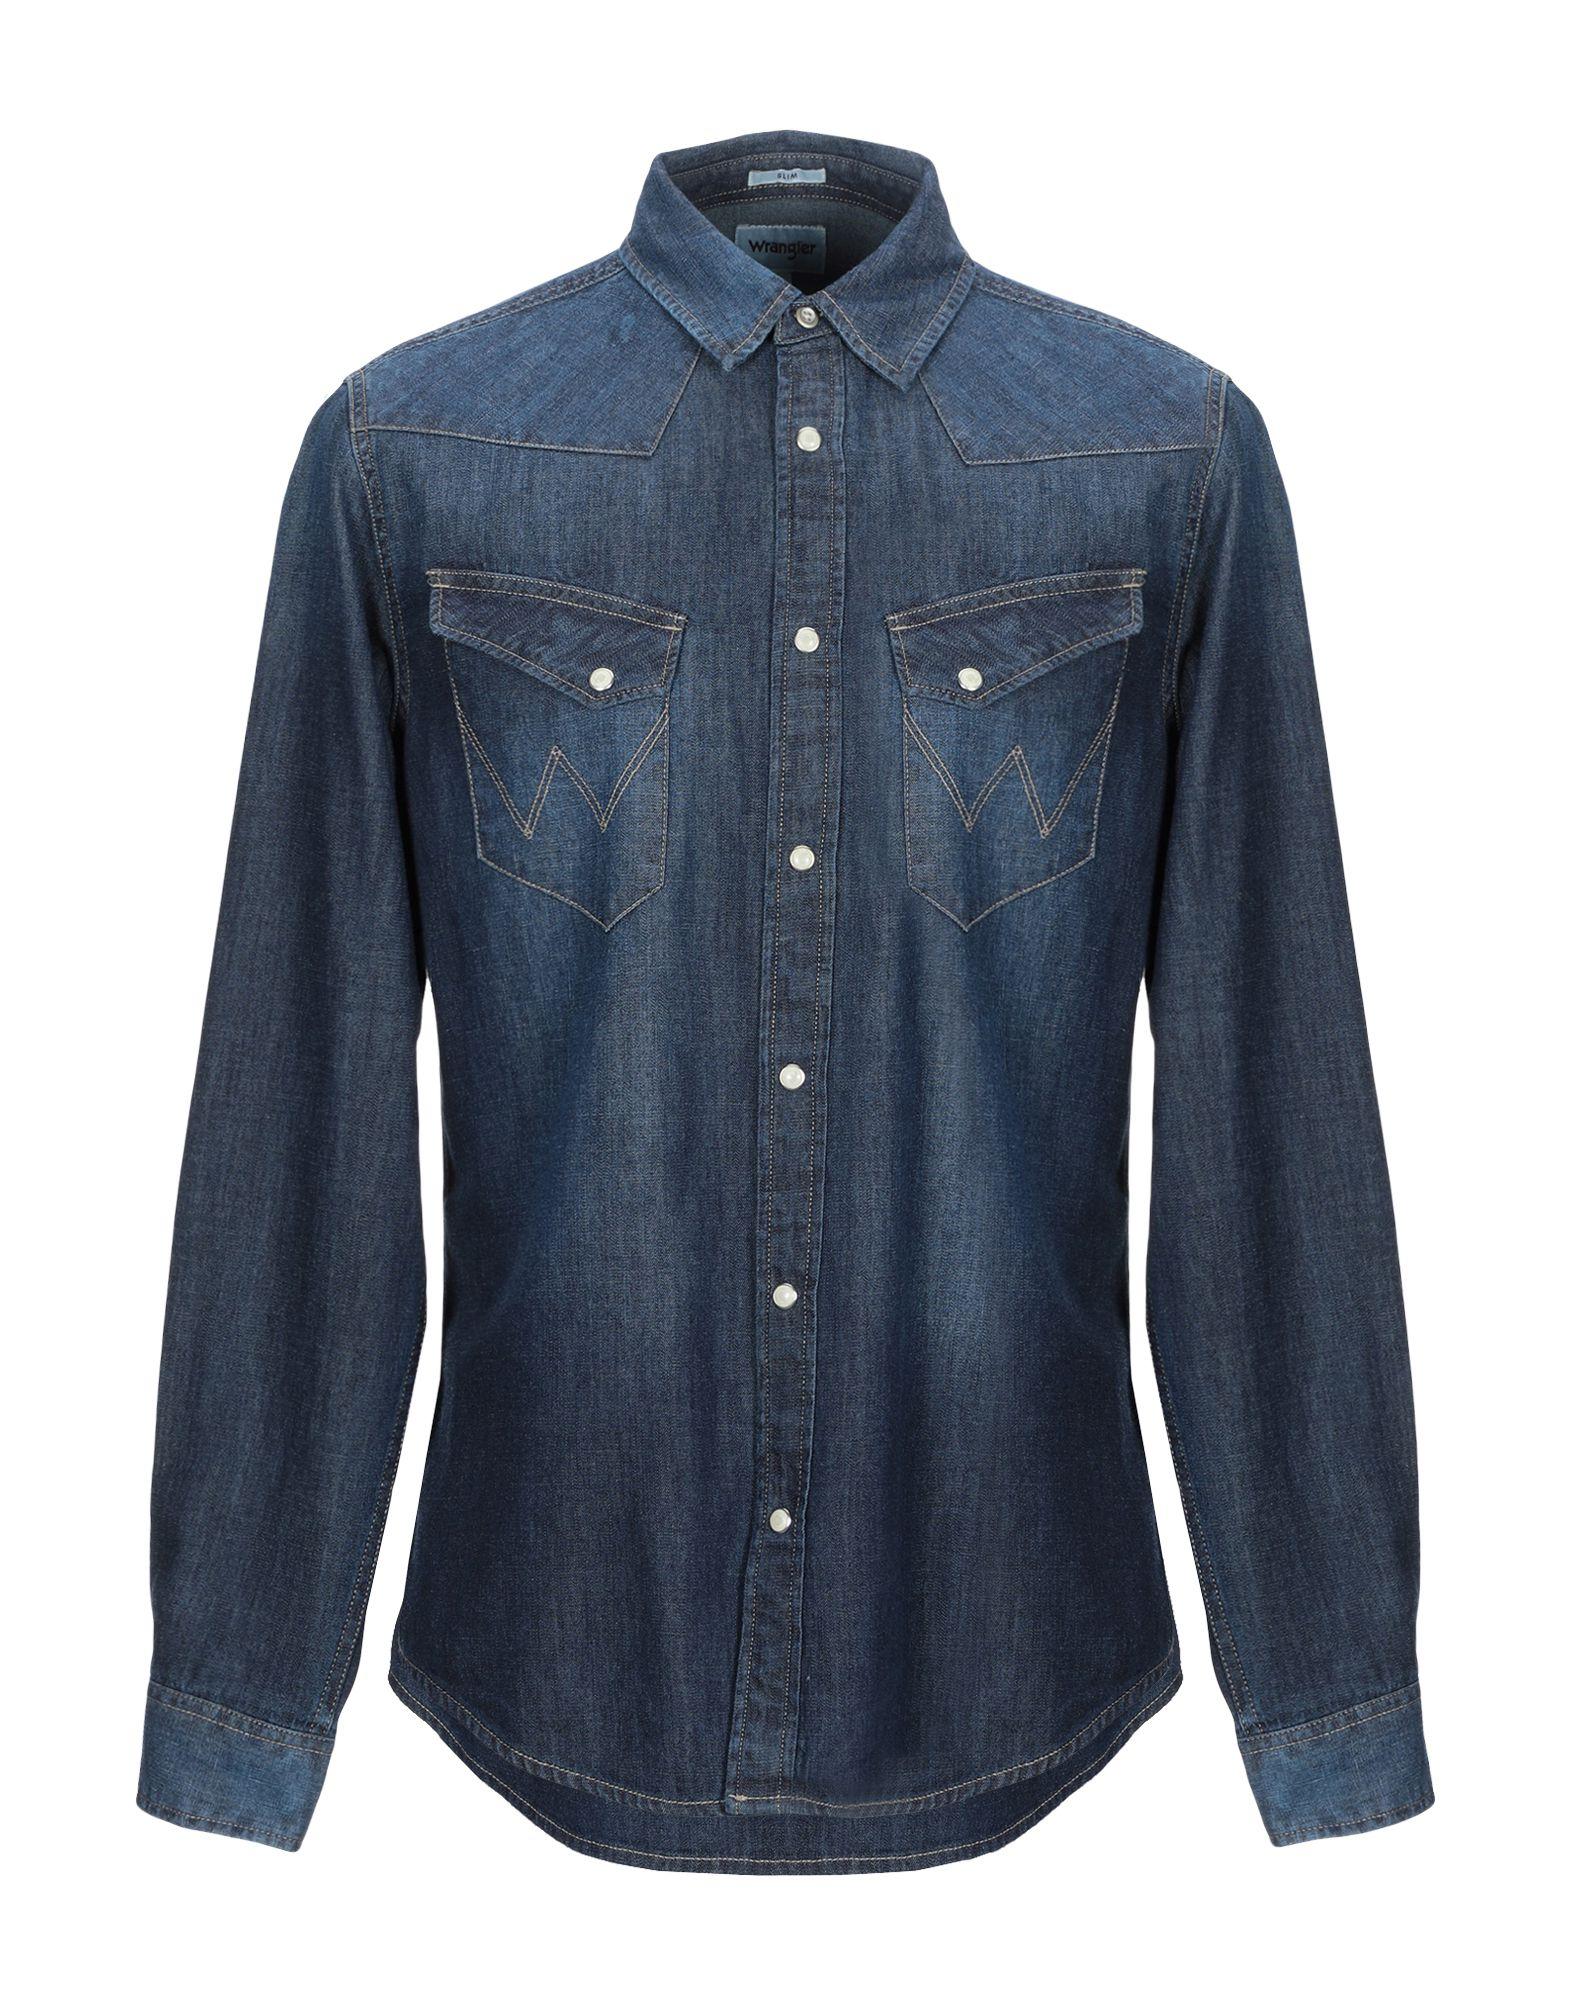 Фото - WRANGLER Джинсовая рубашка рубашка wrangler рубашка